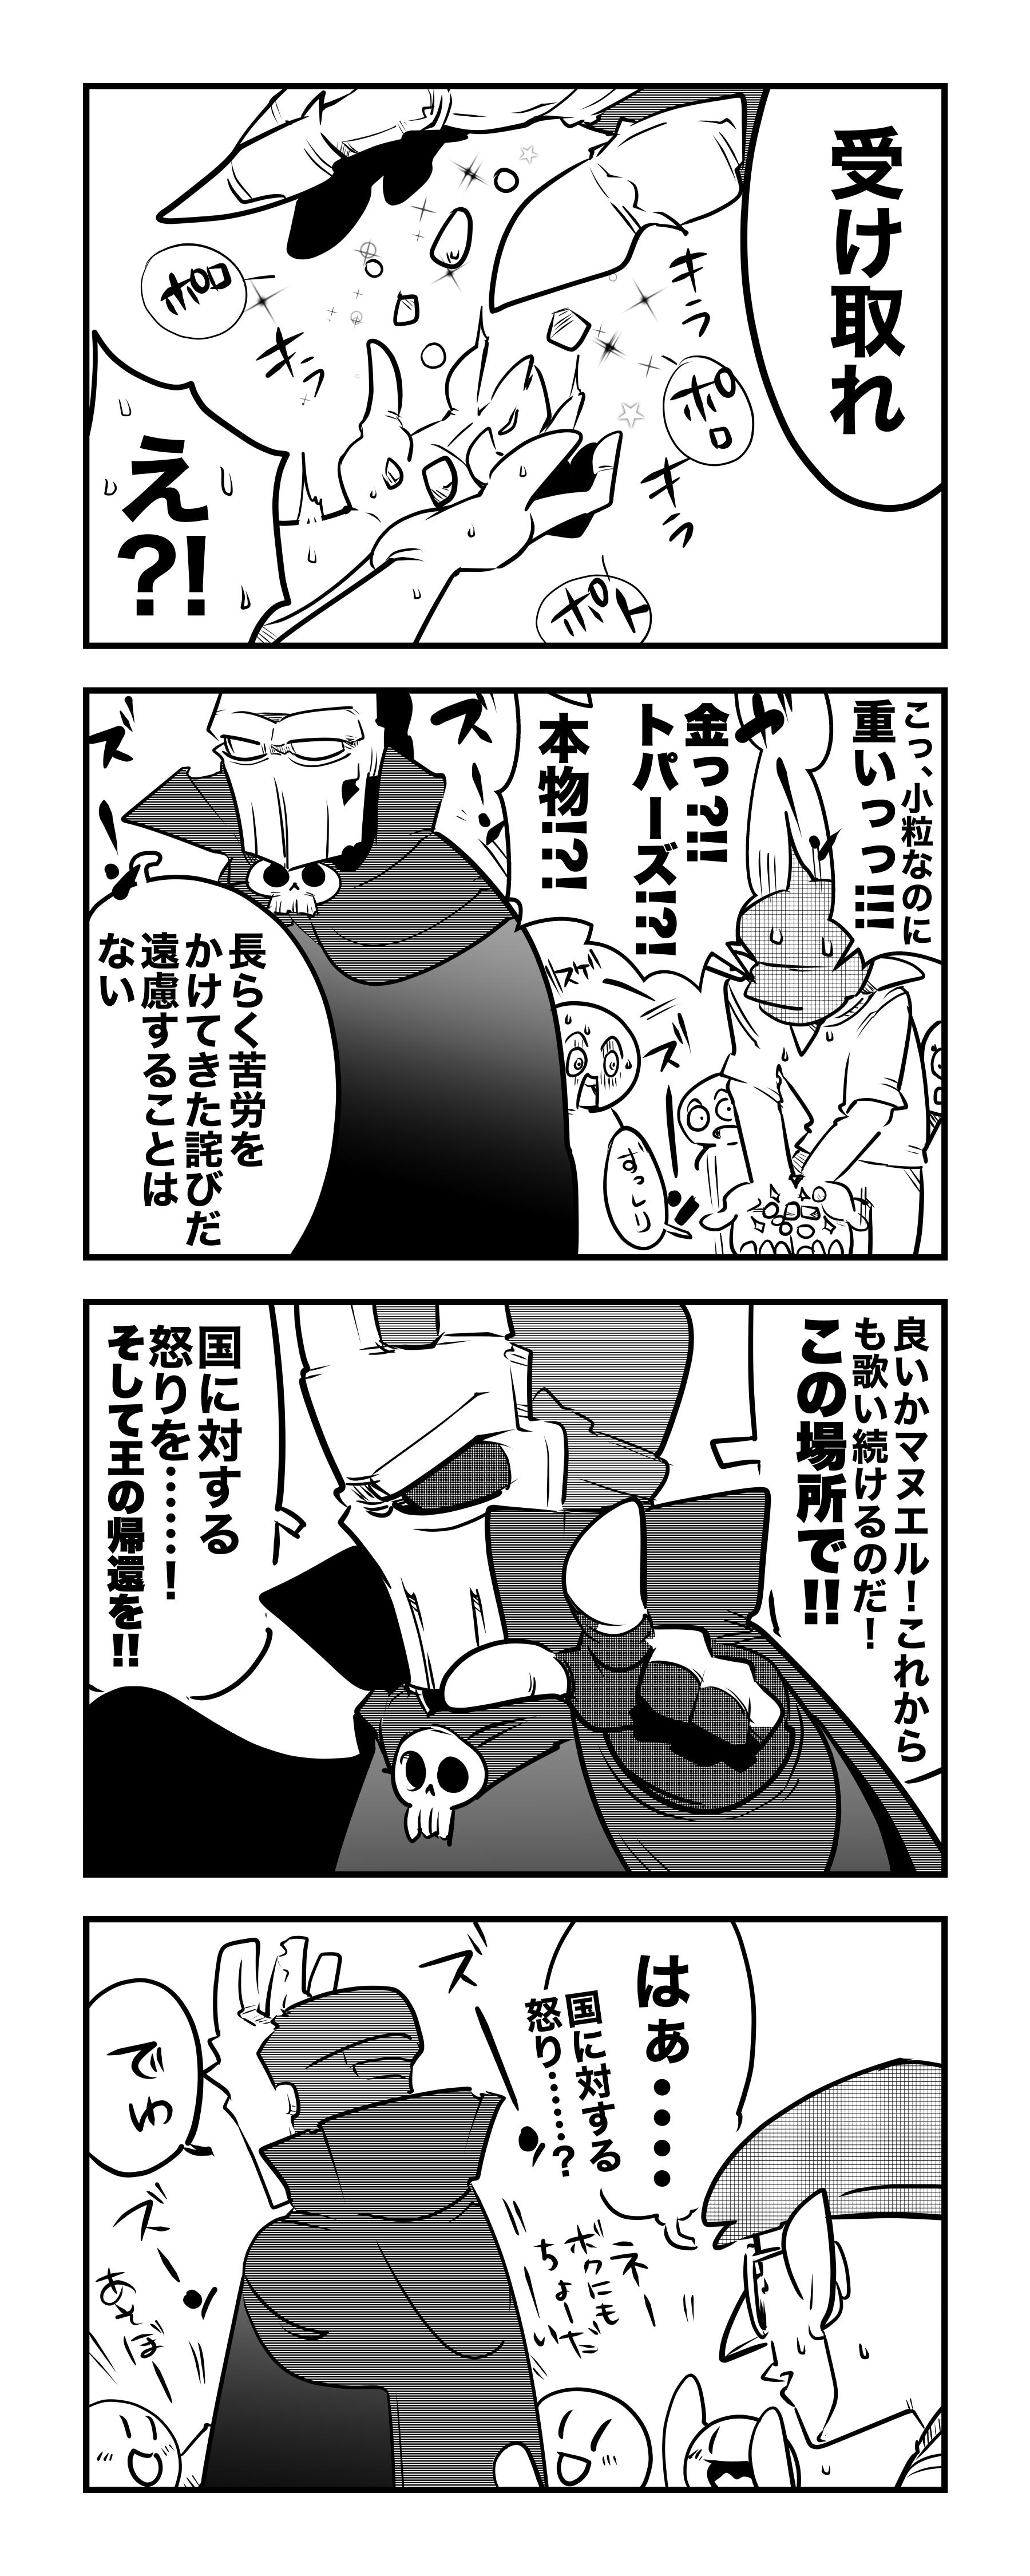 f:id:terashimaru117:20210508215238j:plain